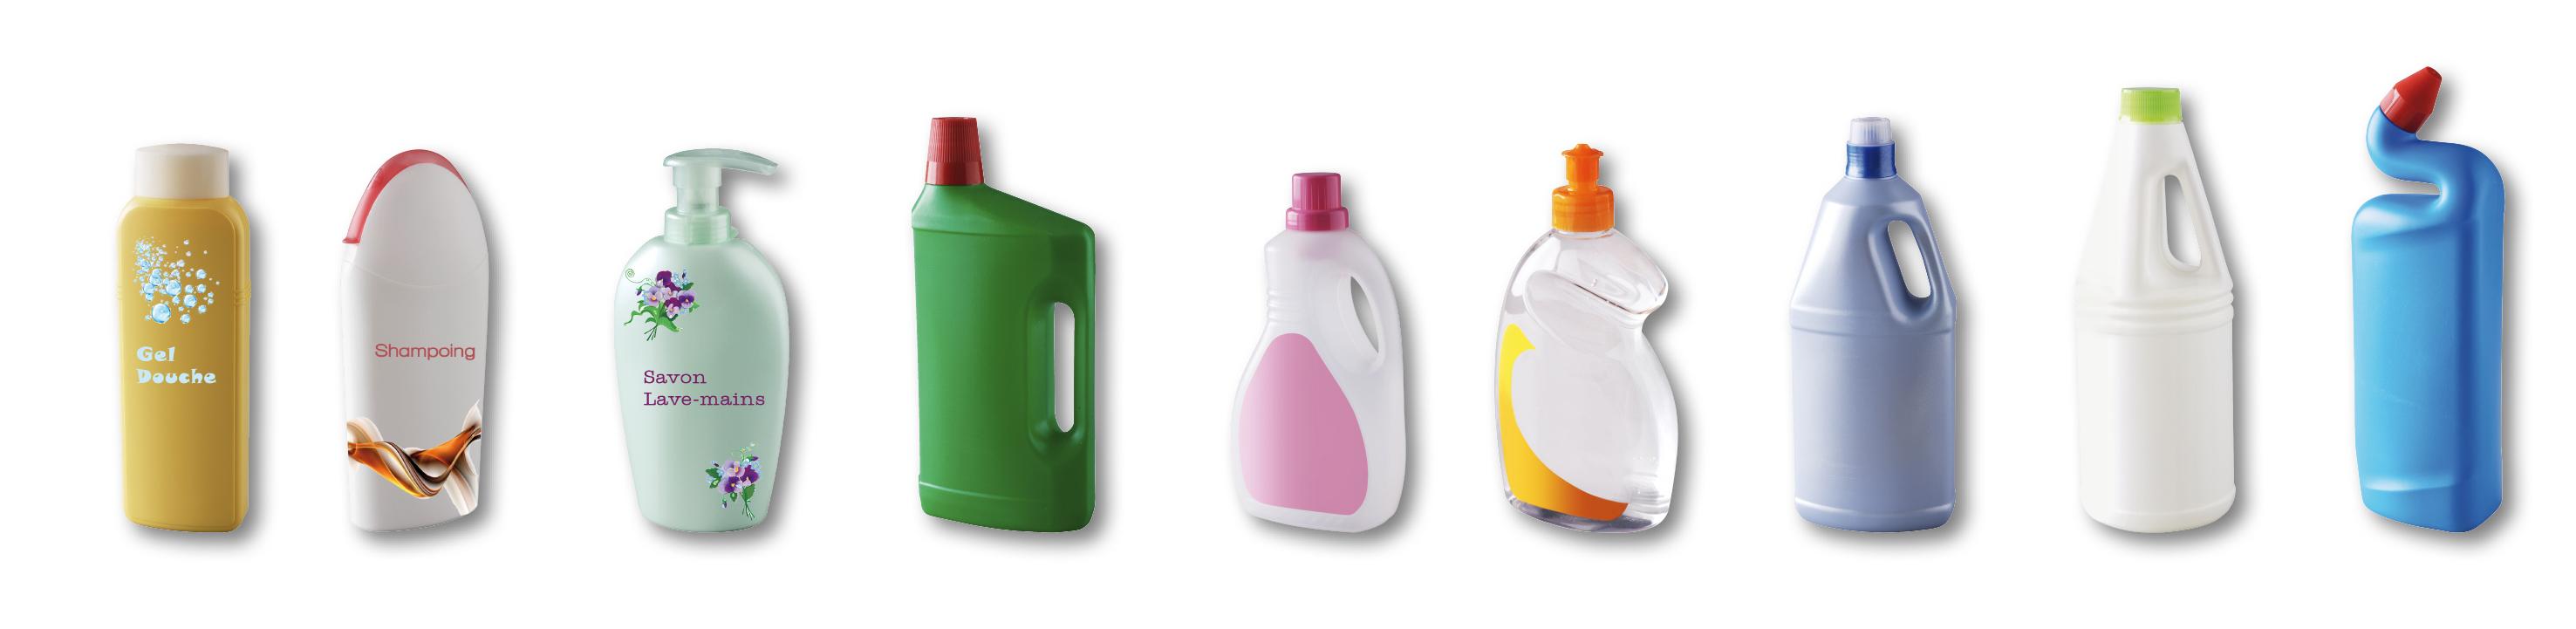 Flacons produits toilettes et ménagers